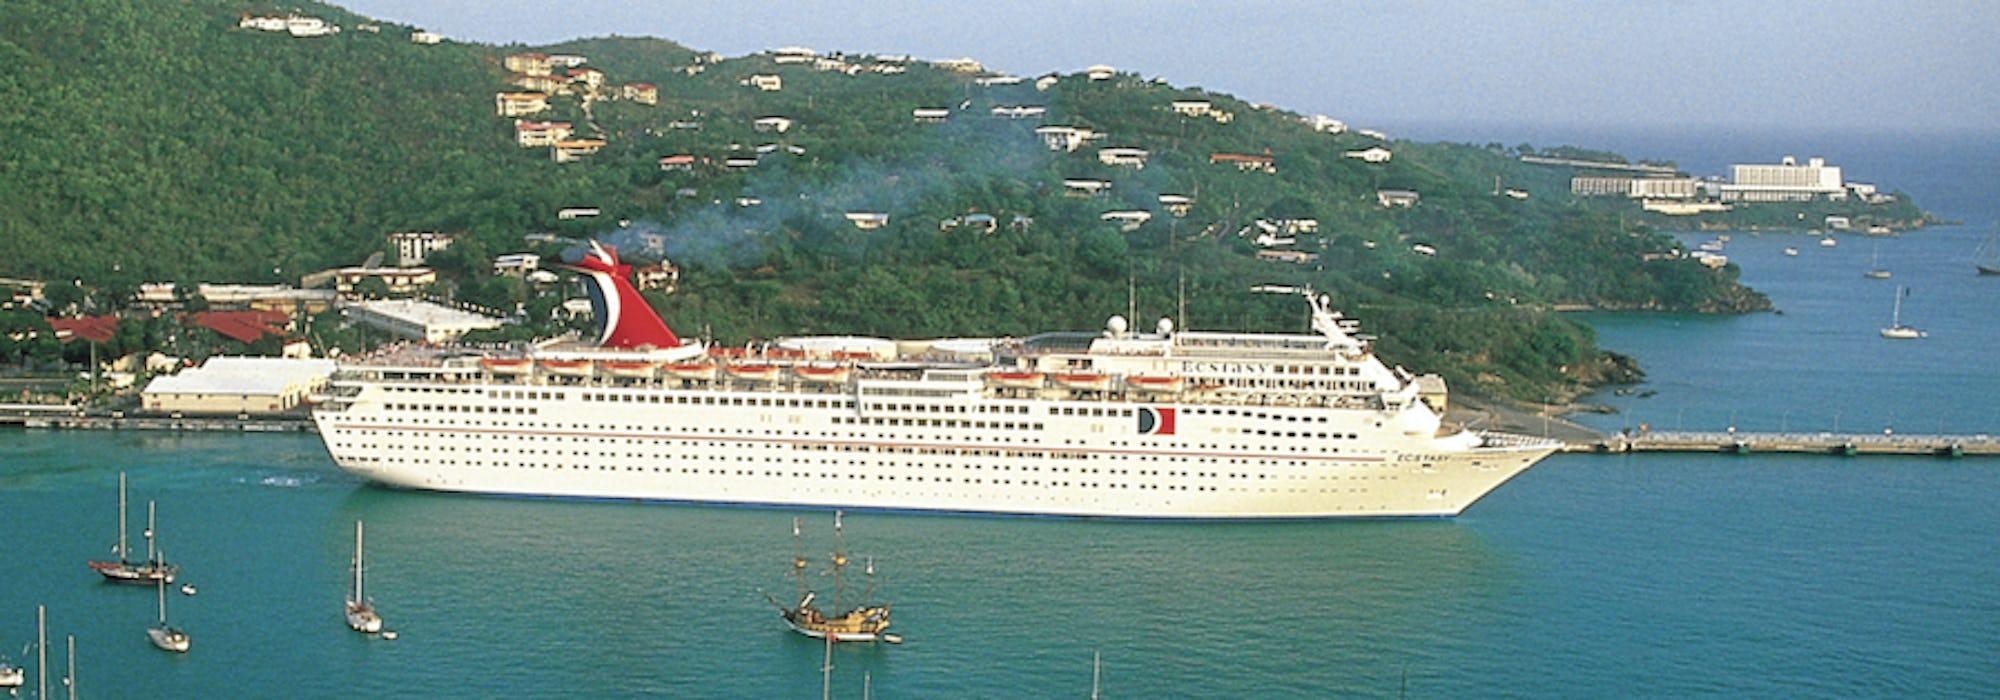 Fartyget Carnival Ecstasy ligger vid en hamn med en grön kulle i bakgrunden och mindre segelbåtar i framkant.